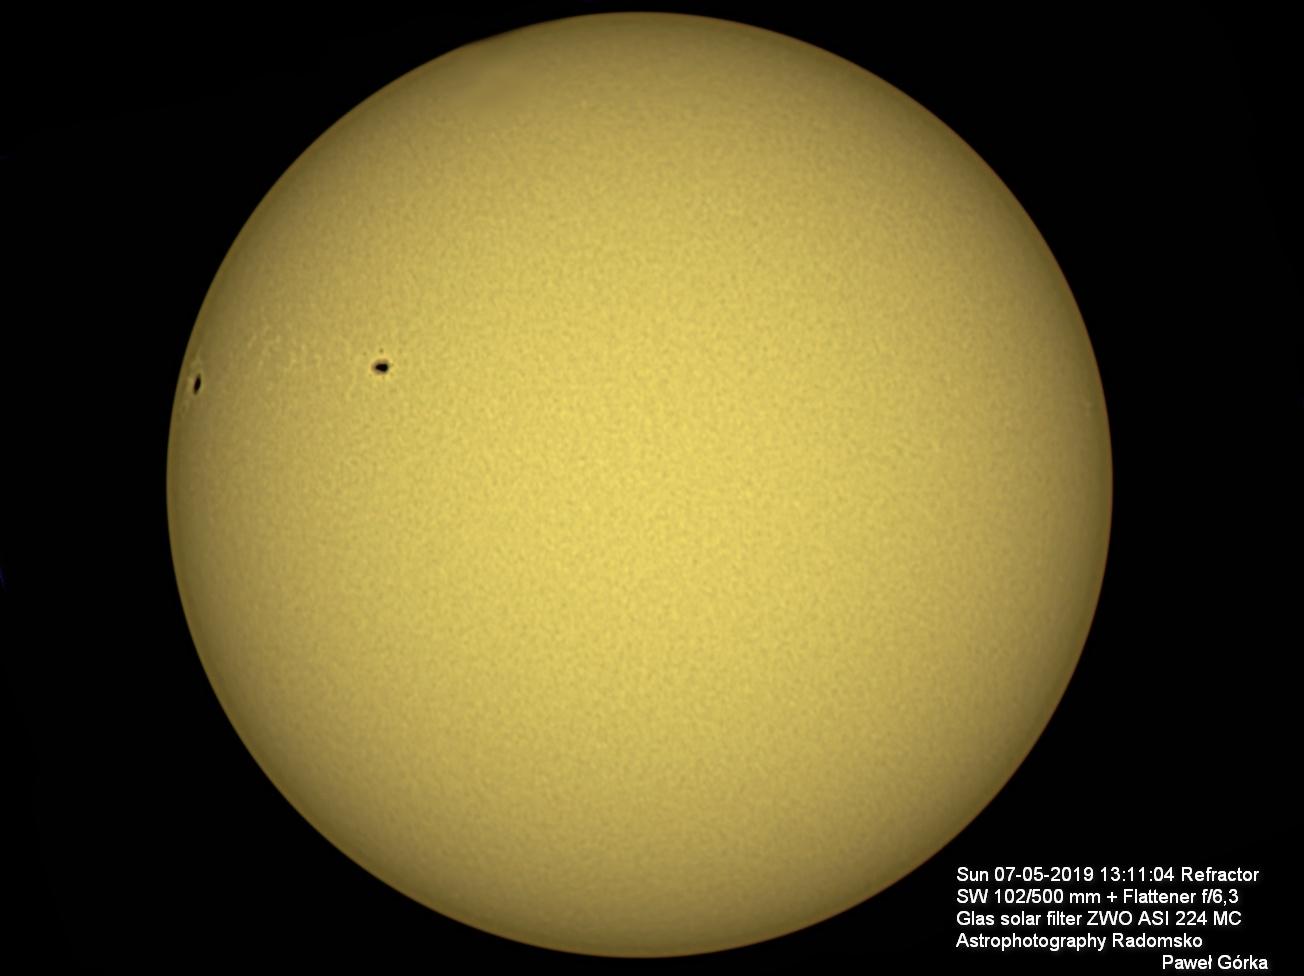 Słońce 131104_pipp stack w regi 1293 kl.jpg